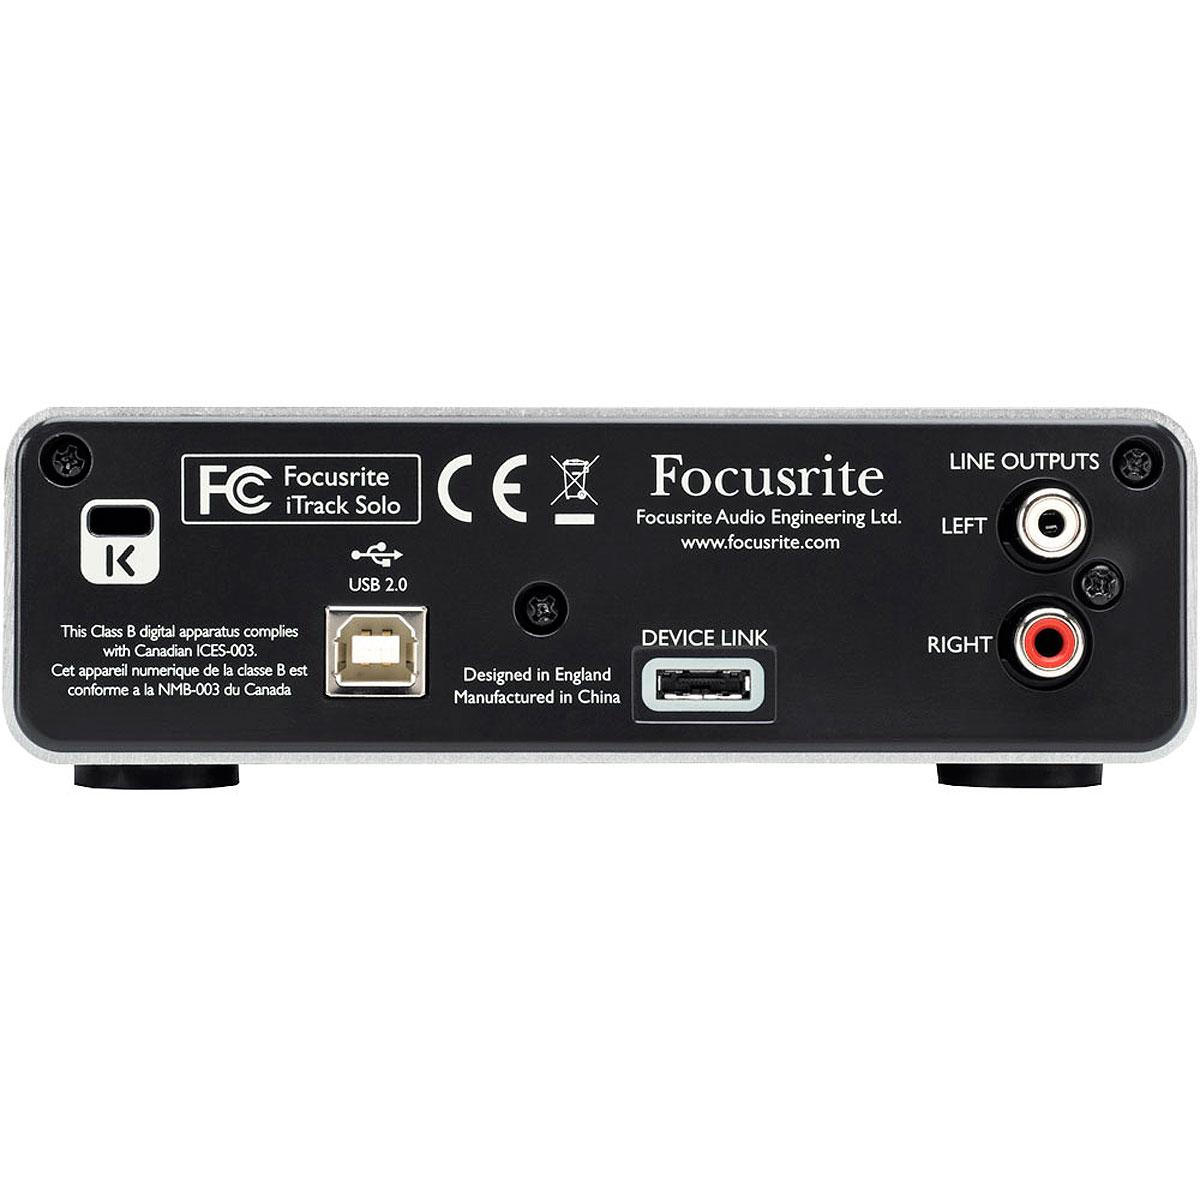 Placa de Som Externa USB (comp. iPad) iTrack Solo - Focusrite